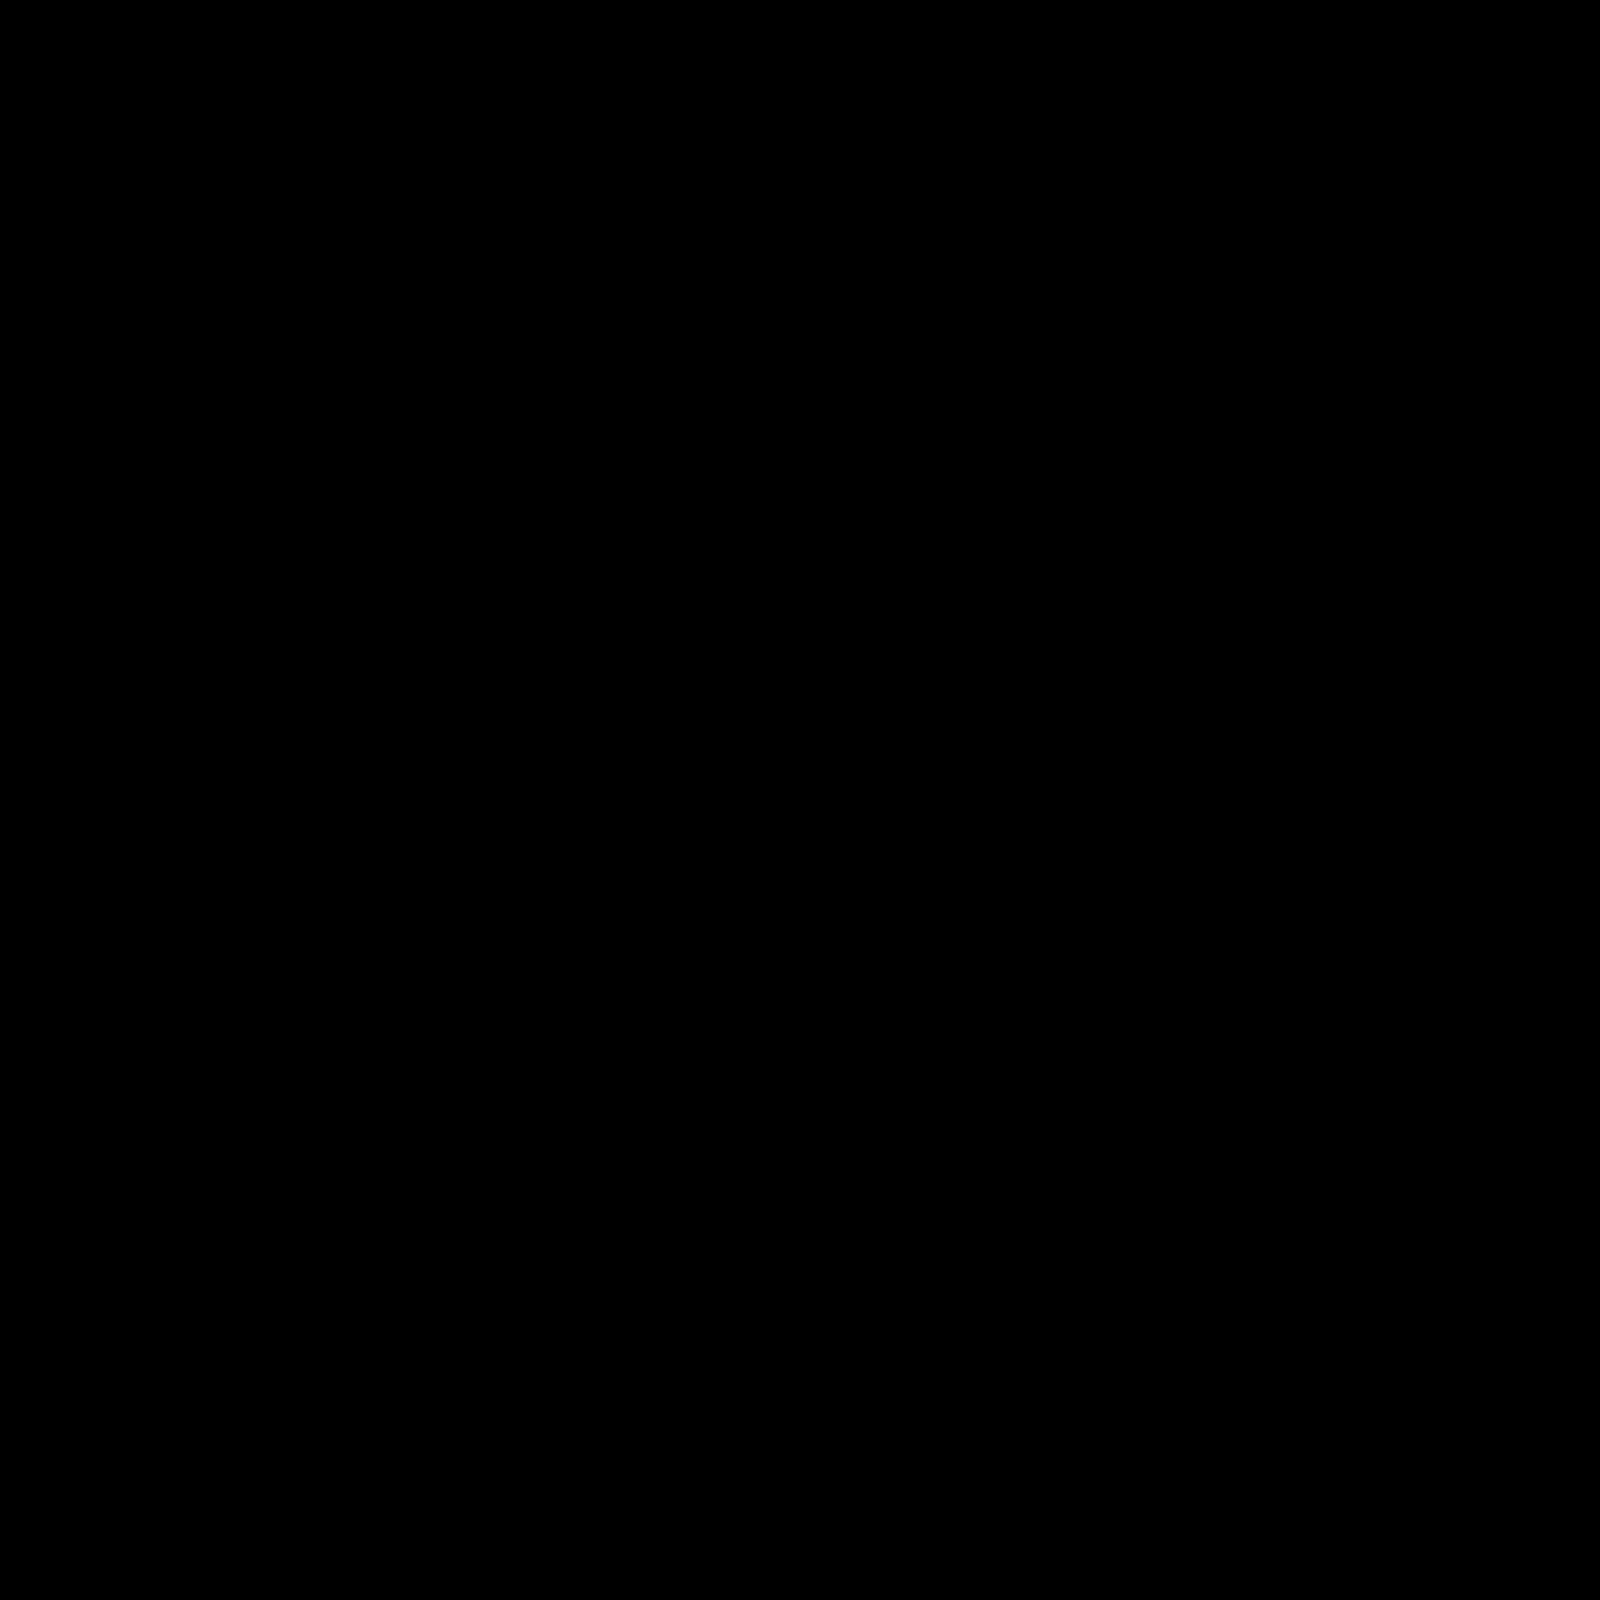 Karimata icon